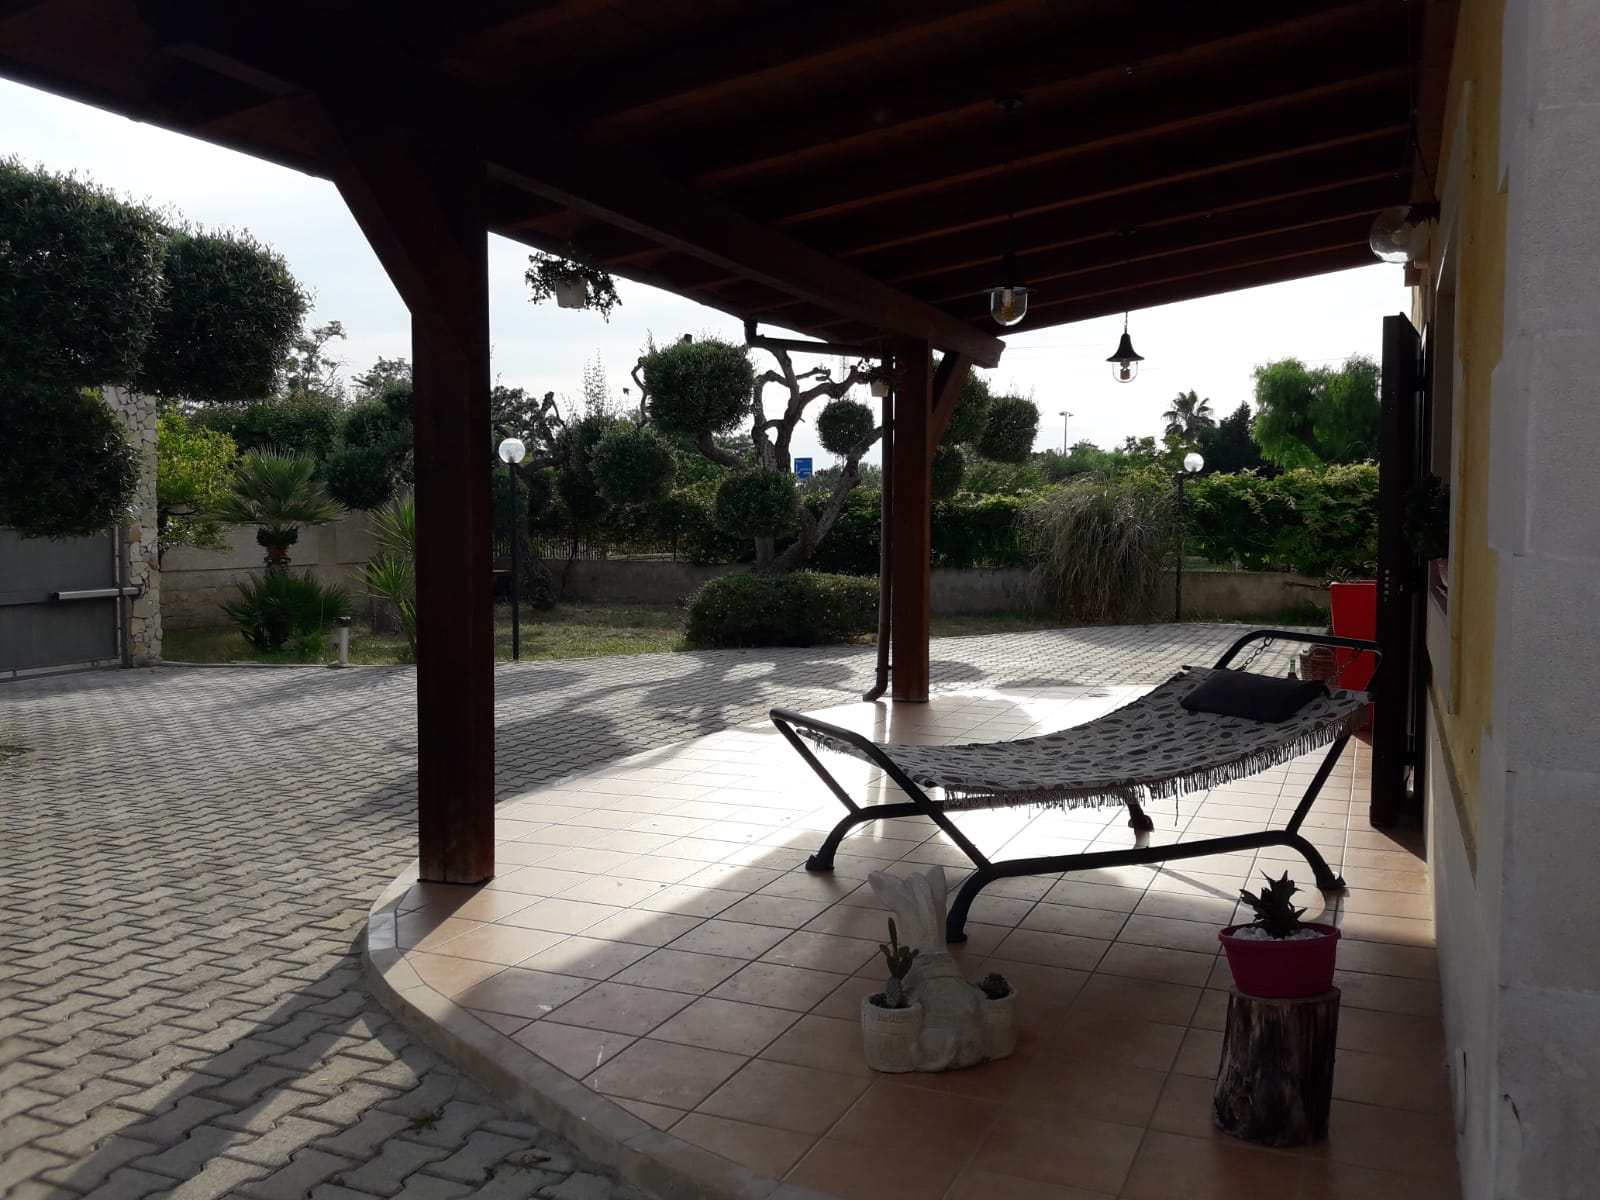 La Veranda Di Campagna il regno dell'abiba - villas for rent in bisceglie, puglia